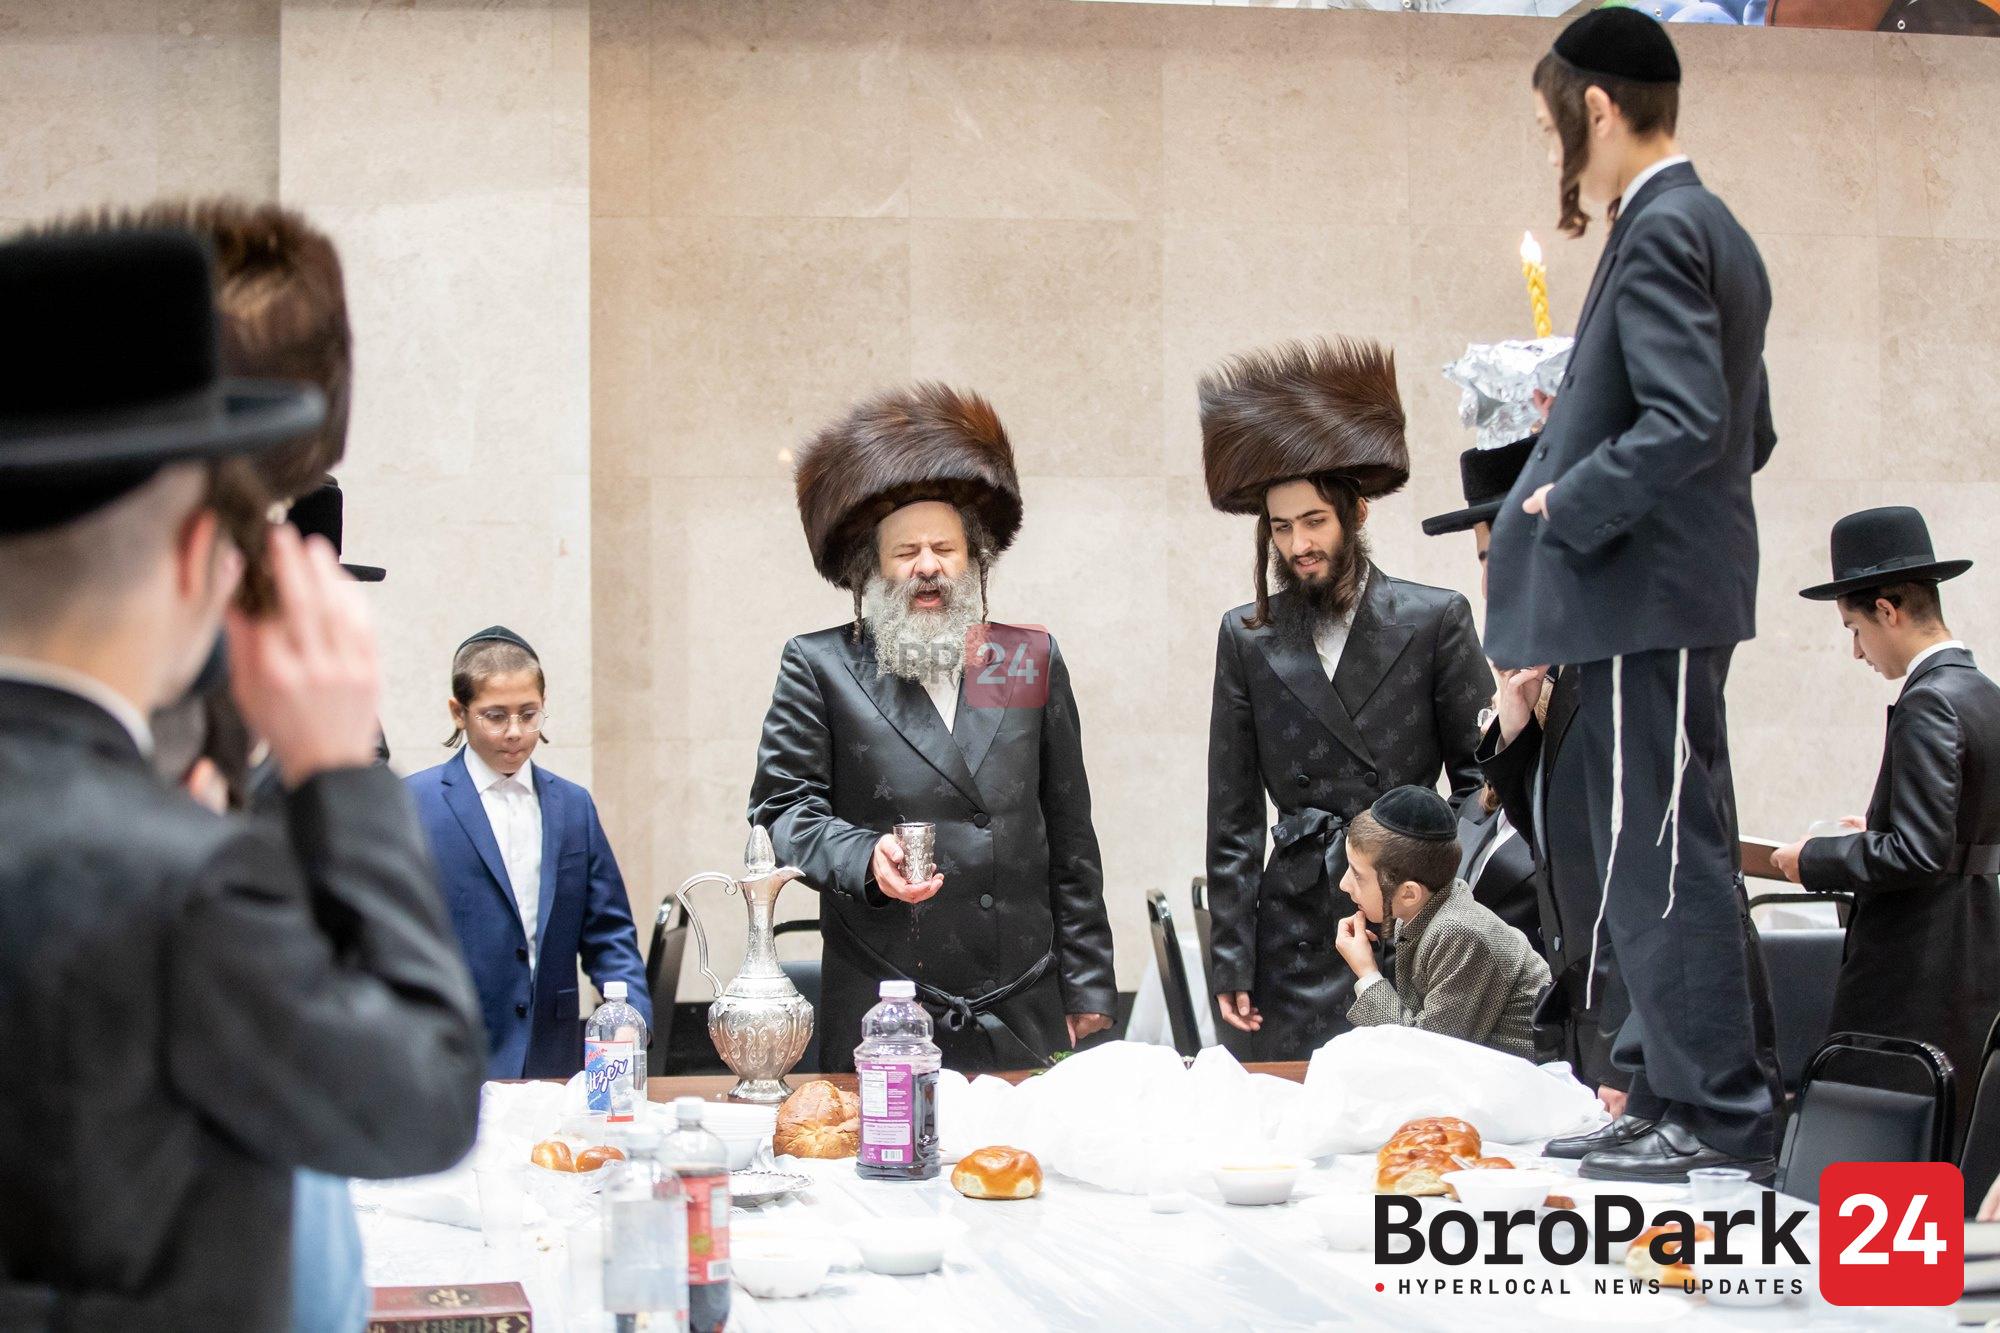 Furshpiel for Son of the Tiferes Eliezer Rov